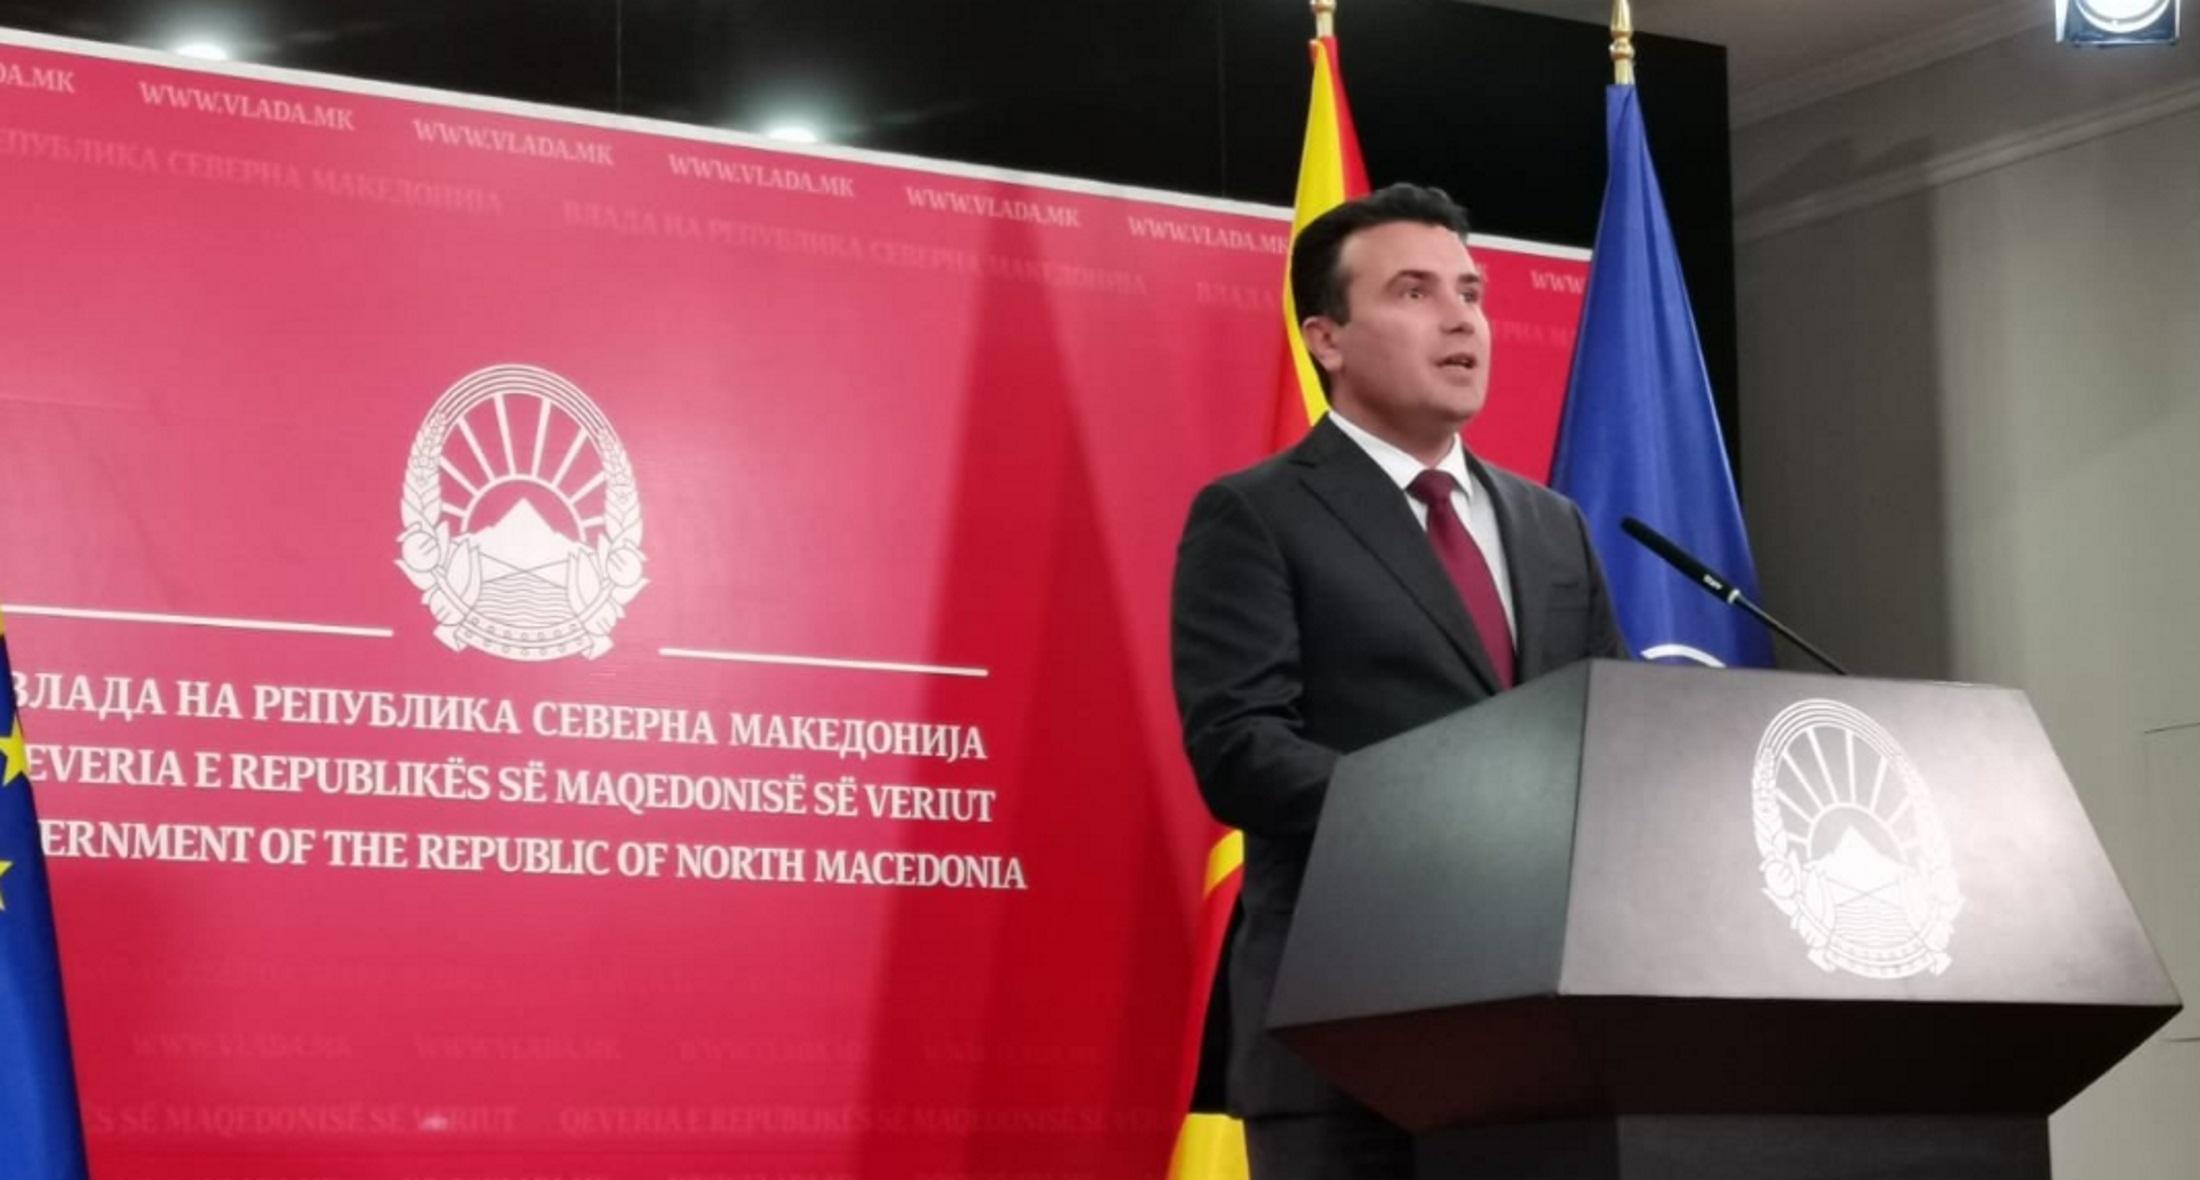 """""""Βόμβα"""" Ζάεφ: Πρόωρες εκλογές στη Βόρεια Μακεδονία! Έξαλλος με την ΕΕ"""